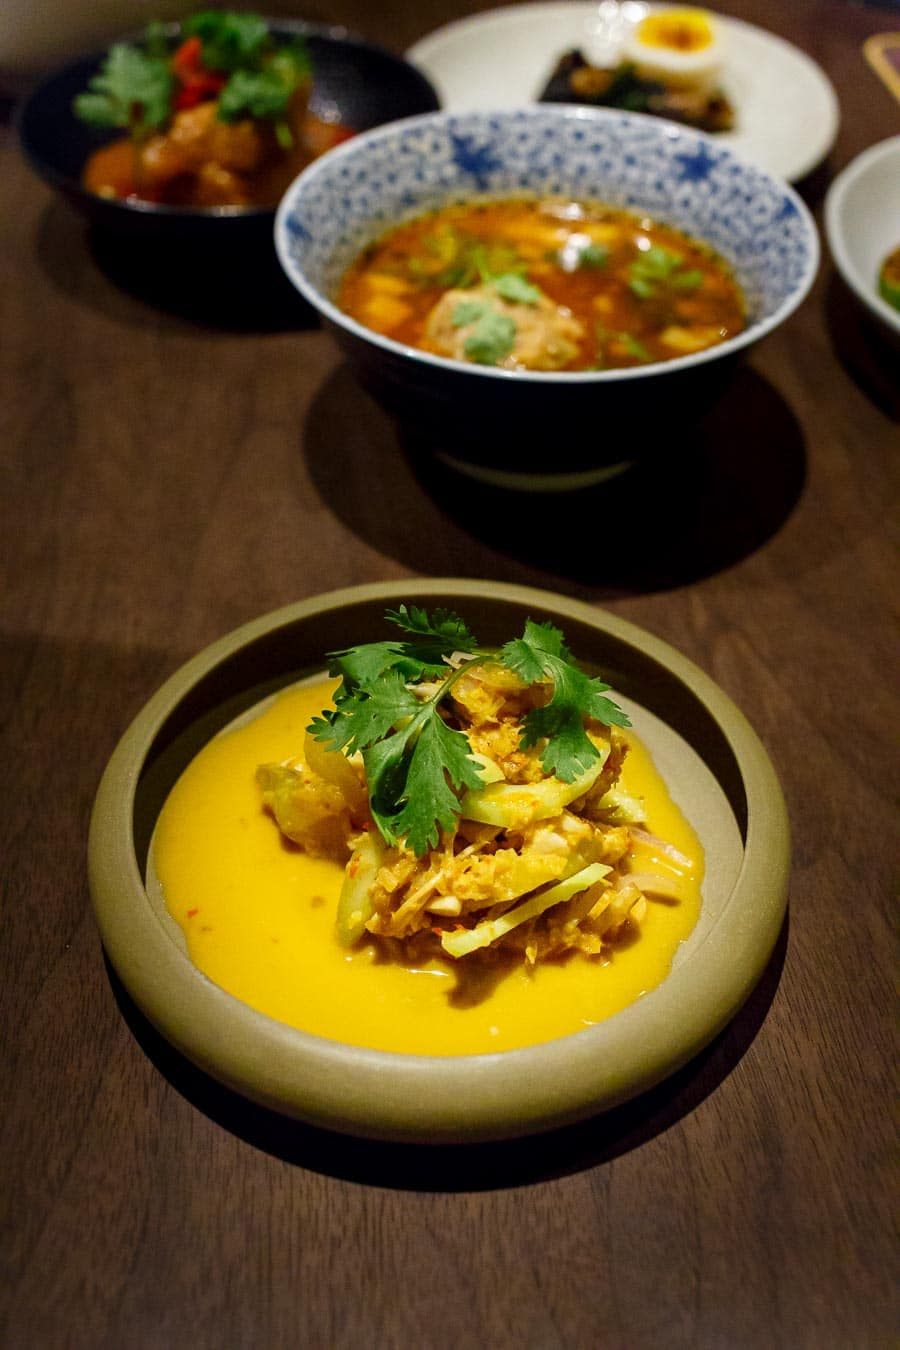 Salat von Honig-Sternfrucht, japanischer Gurke, geröstetes Hühnchen